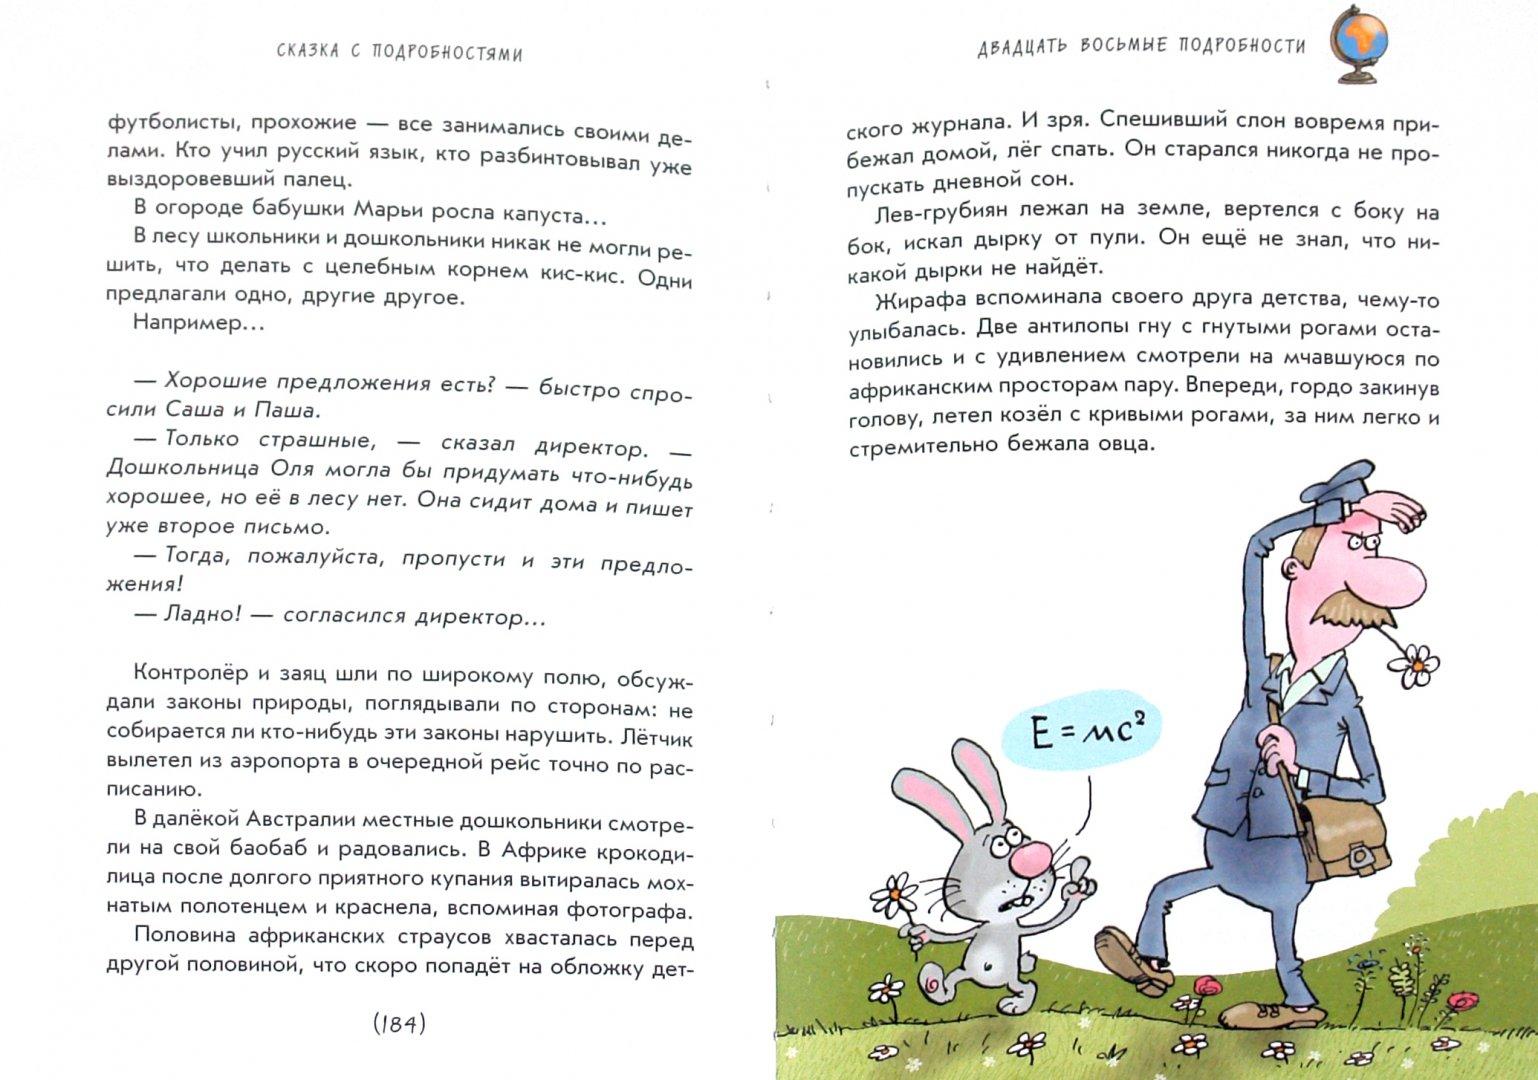 Иллюстрация 1 из 16 для Сказка с подробностями - Григорий Остер | Лабиринт - книги. Источник: Лабиринт